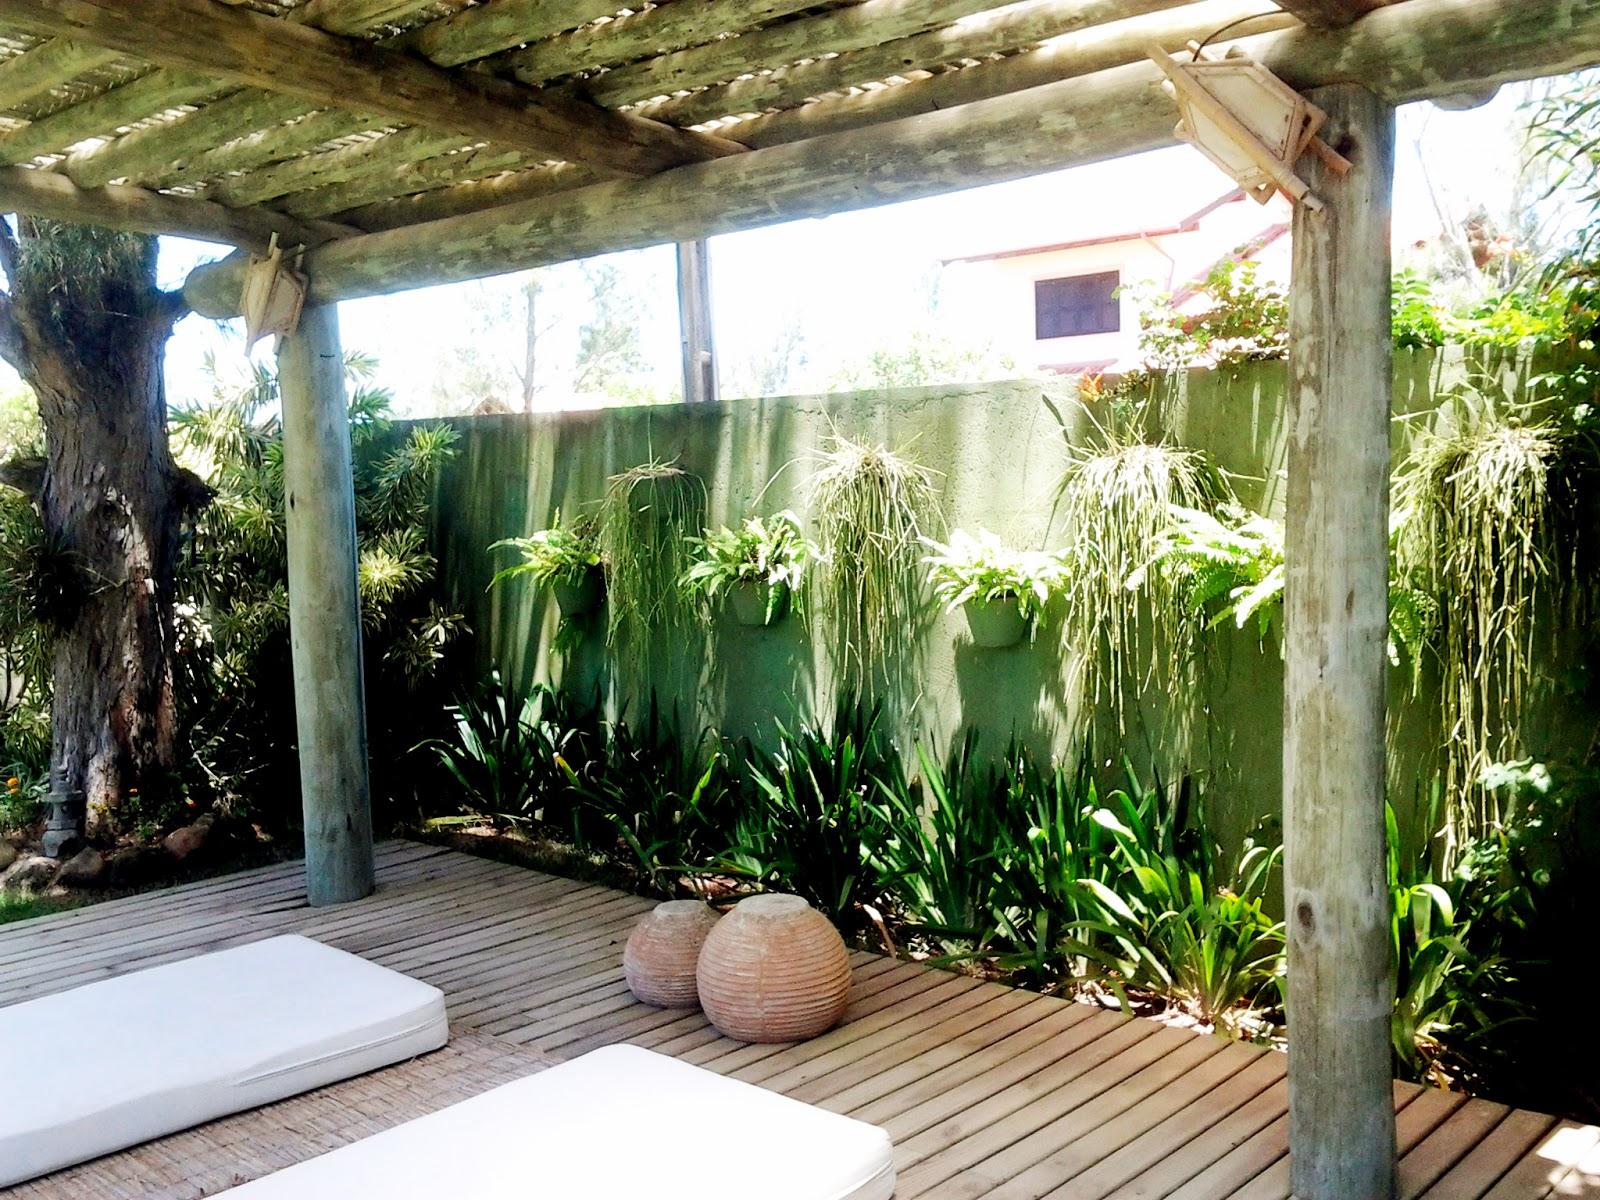 jardim vertical em muro: +Manutenção de Jardins: Trabalhos em destaque: Jardins verticais